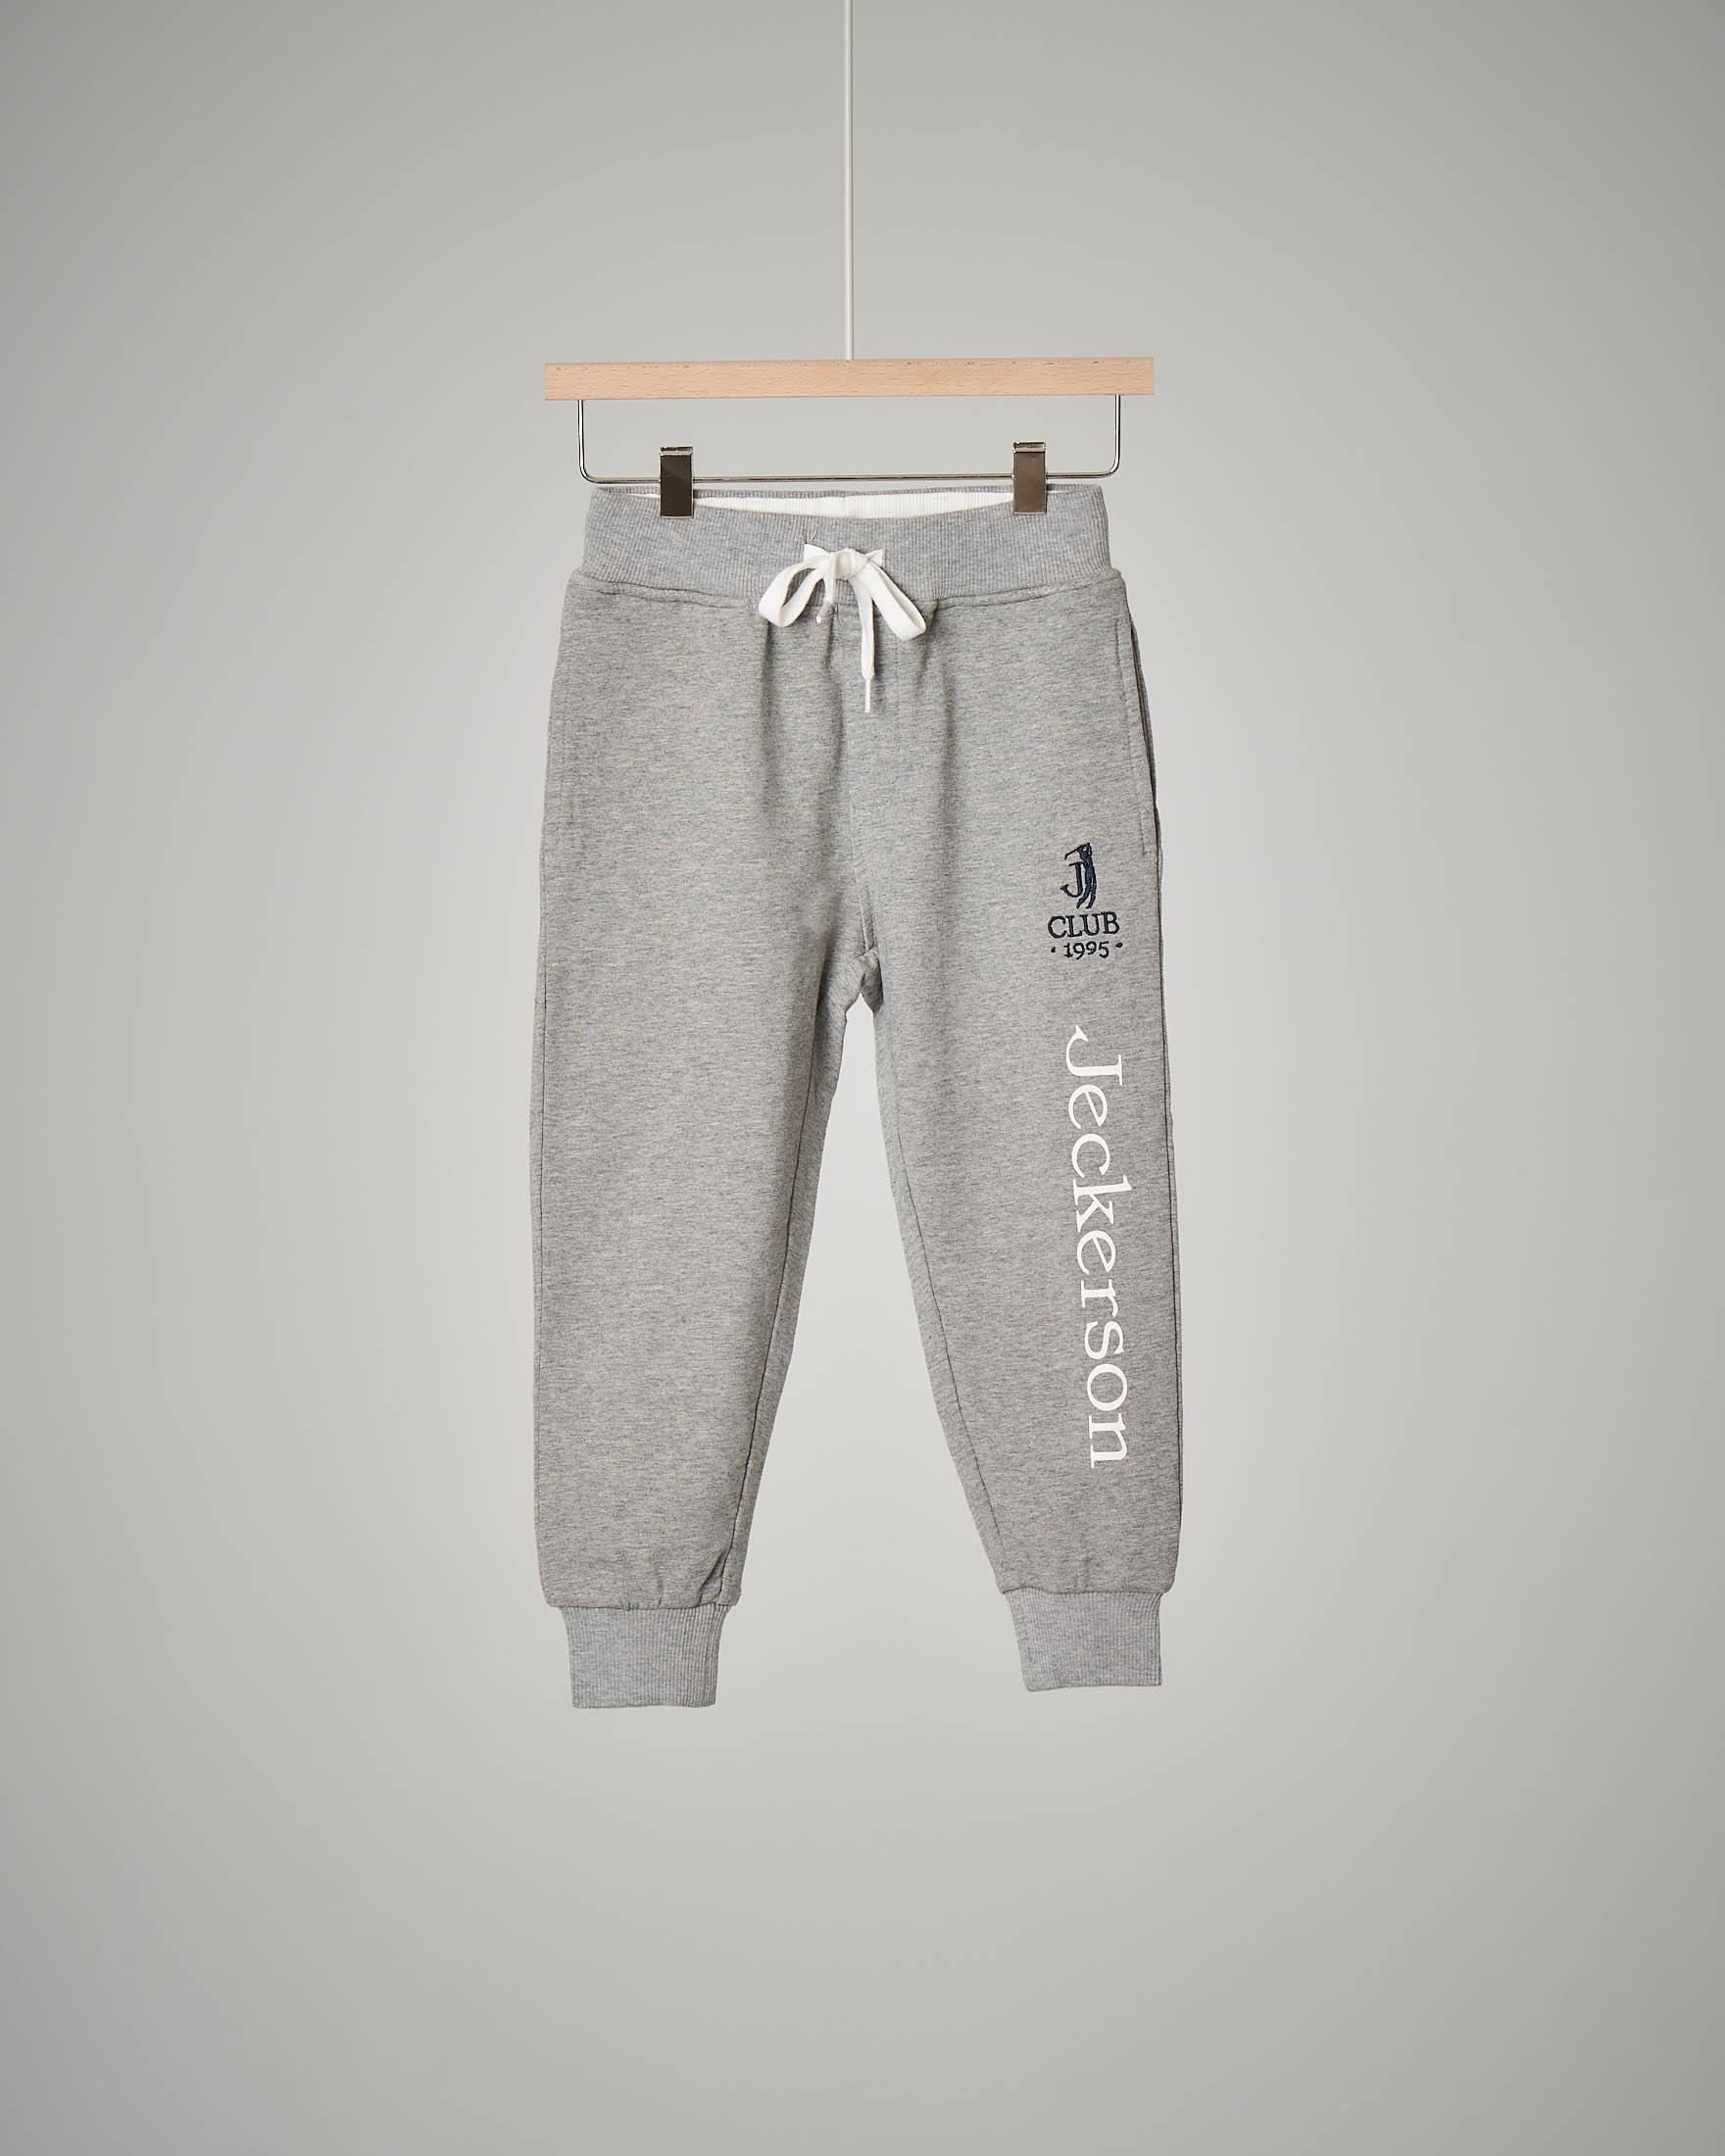 Pantalone grigio chiaro in felpa